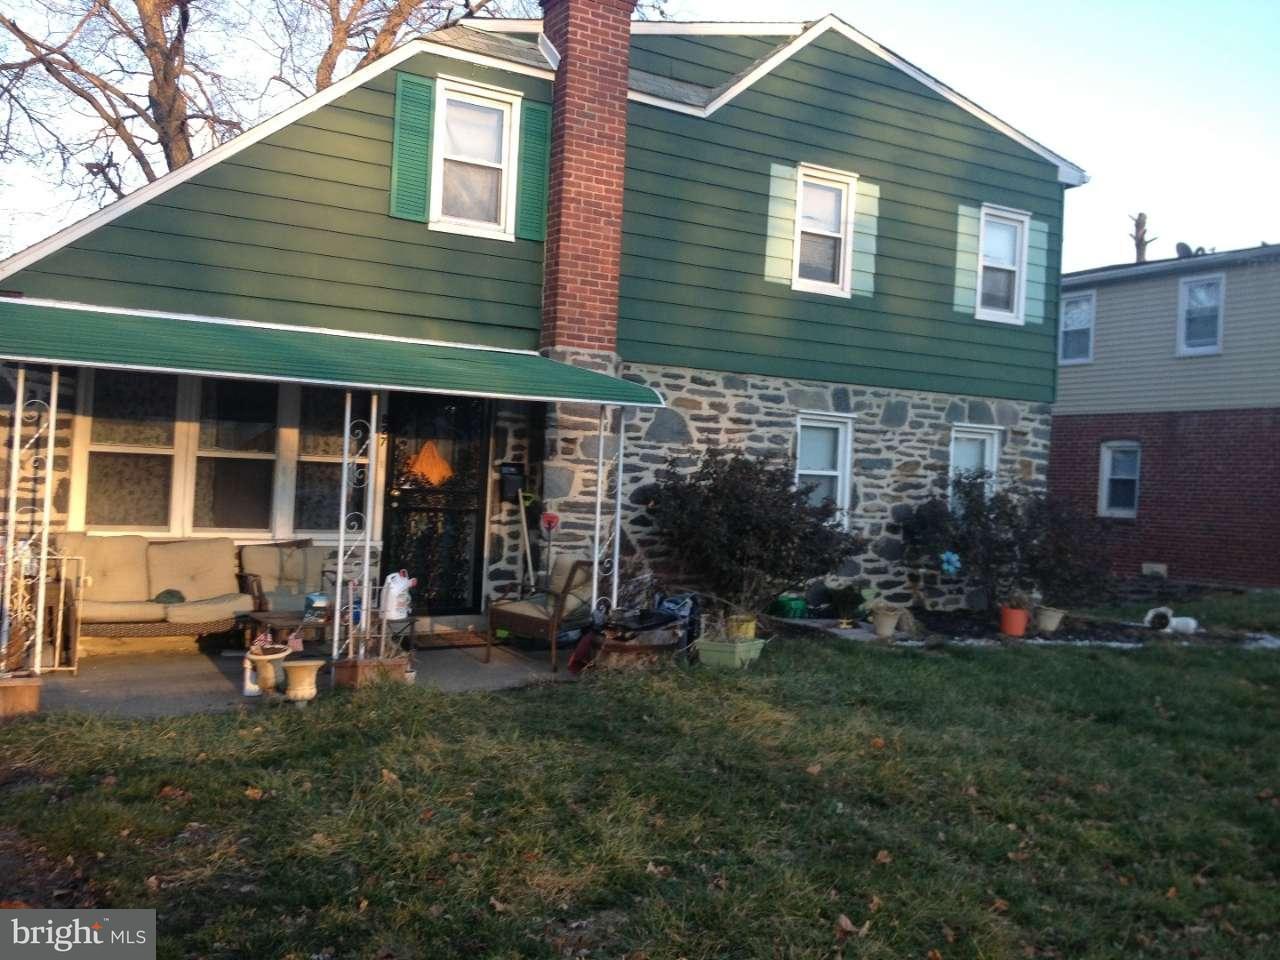 独户住宅 为 销售 在 827 E PENN PINES BLVD Aldan, 宾夕法尼亚州 19018 美国